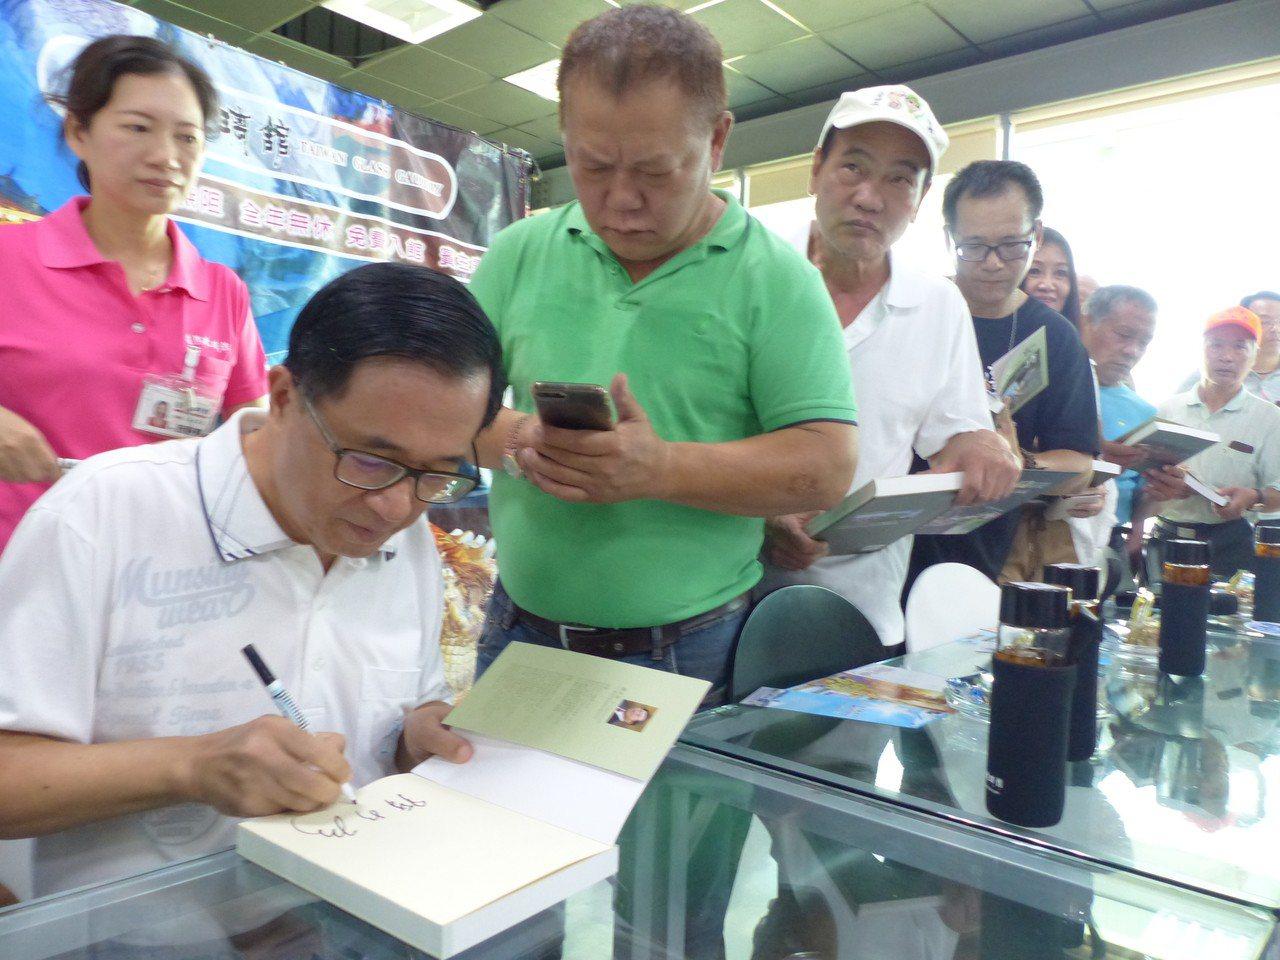 保外就醫的前總統陳水扁,今天上午到彰化縣彰濱工業區台灣玻璃博物館舉辦簽書會,受到...